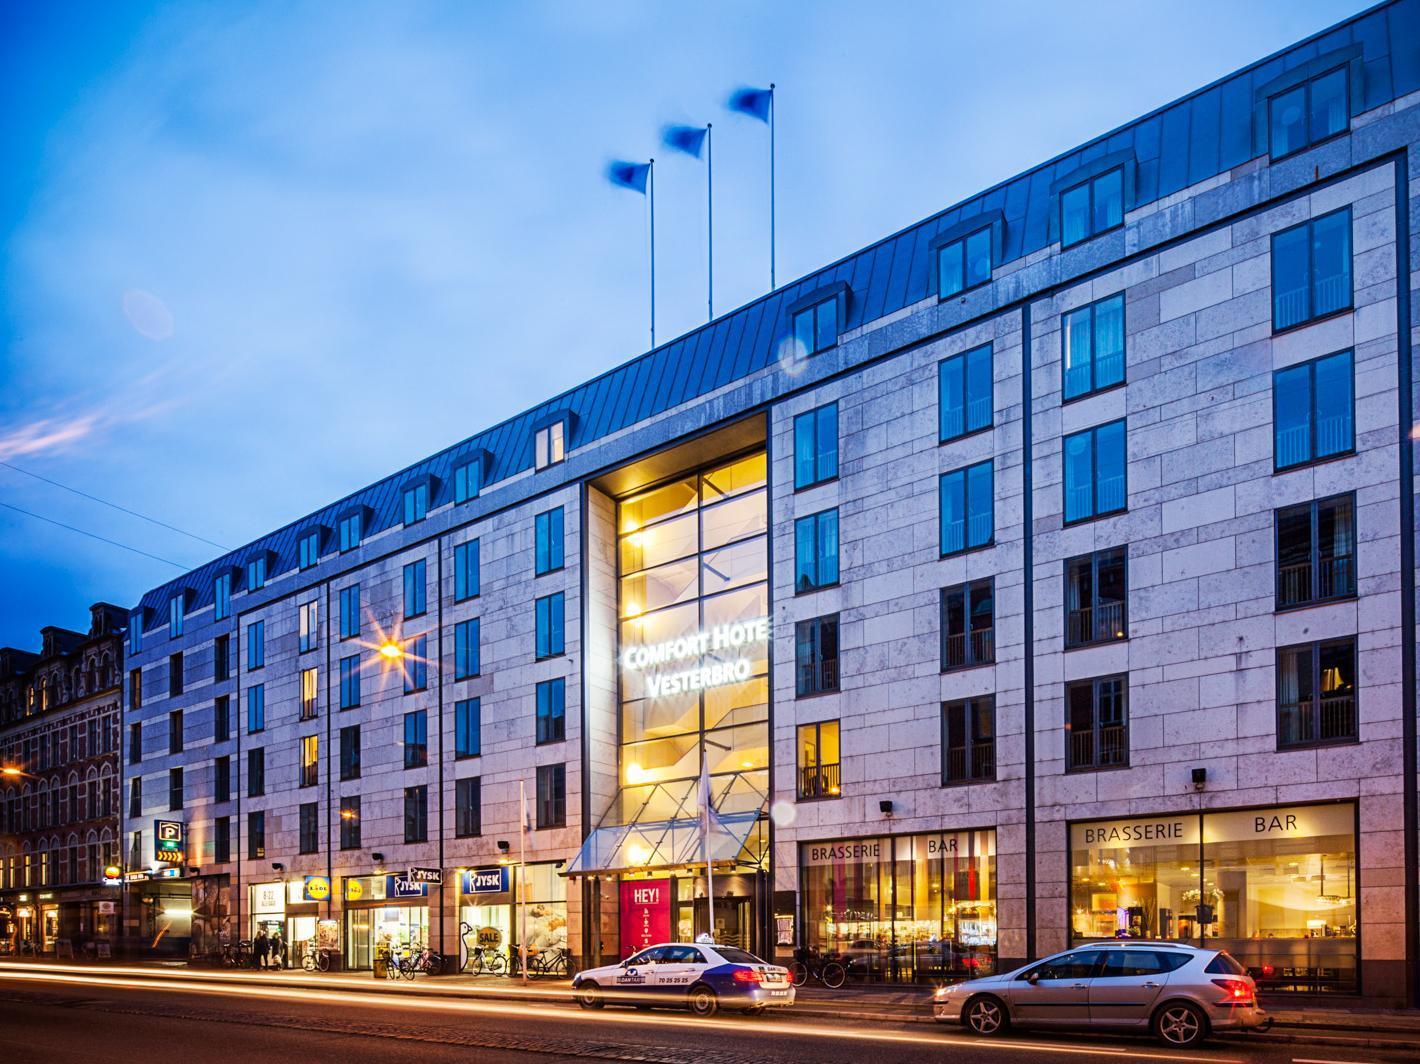 hoteller tæt på hovedbanegården